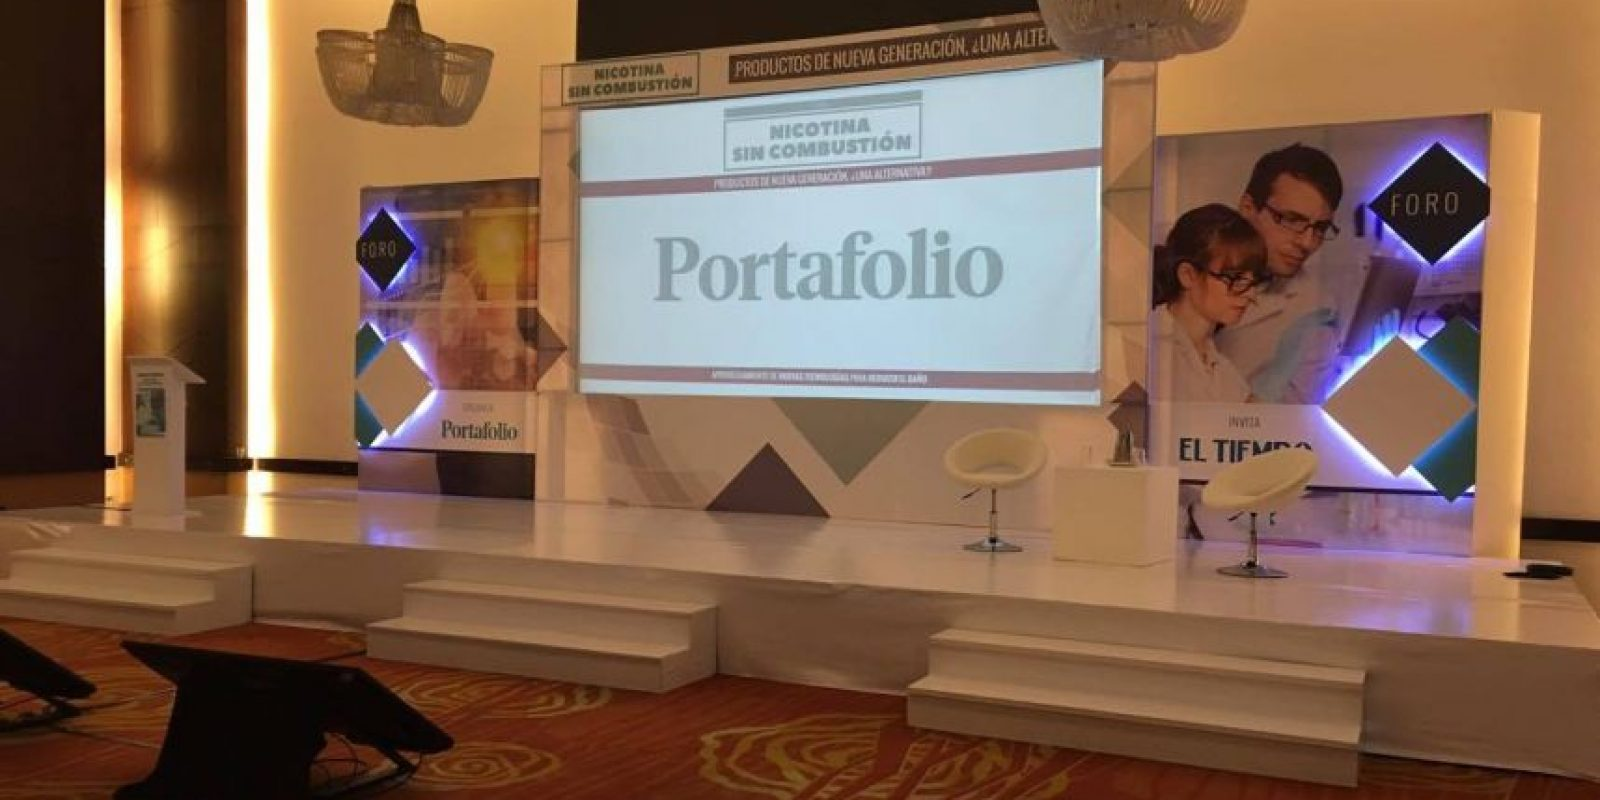 En el evento participaron destacados expertos de países como Colombia, Grecia y el Reino Unido. Foto:Publinews